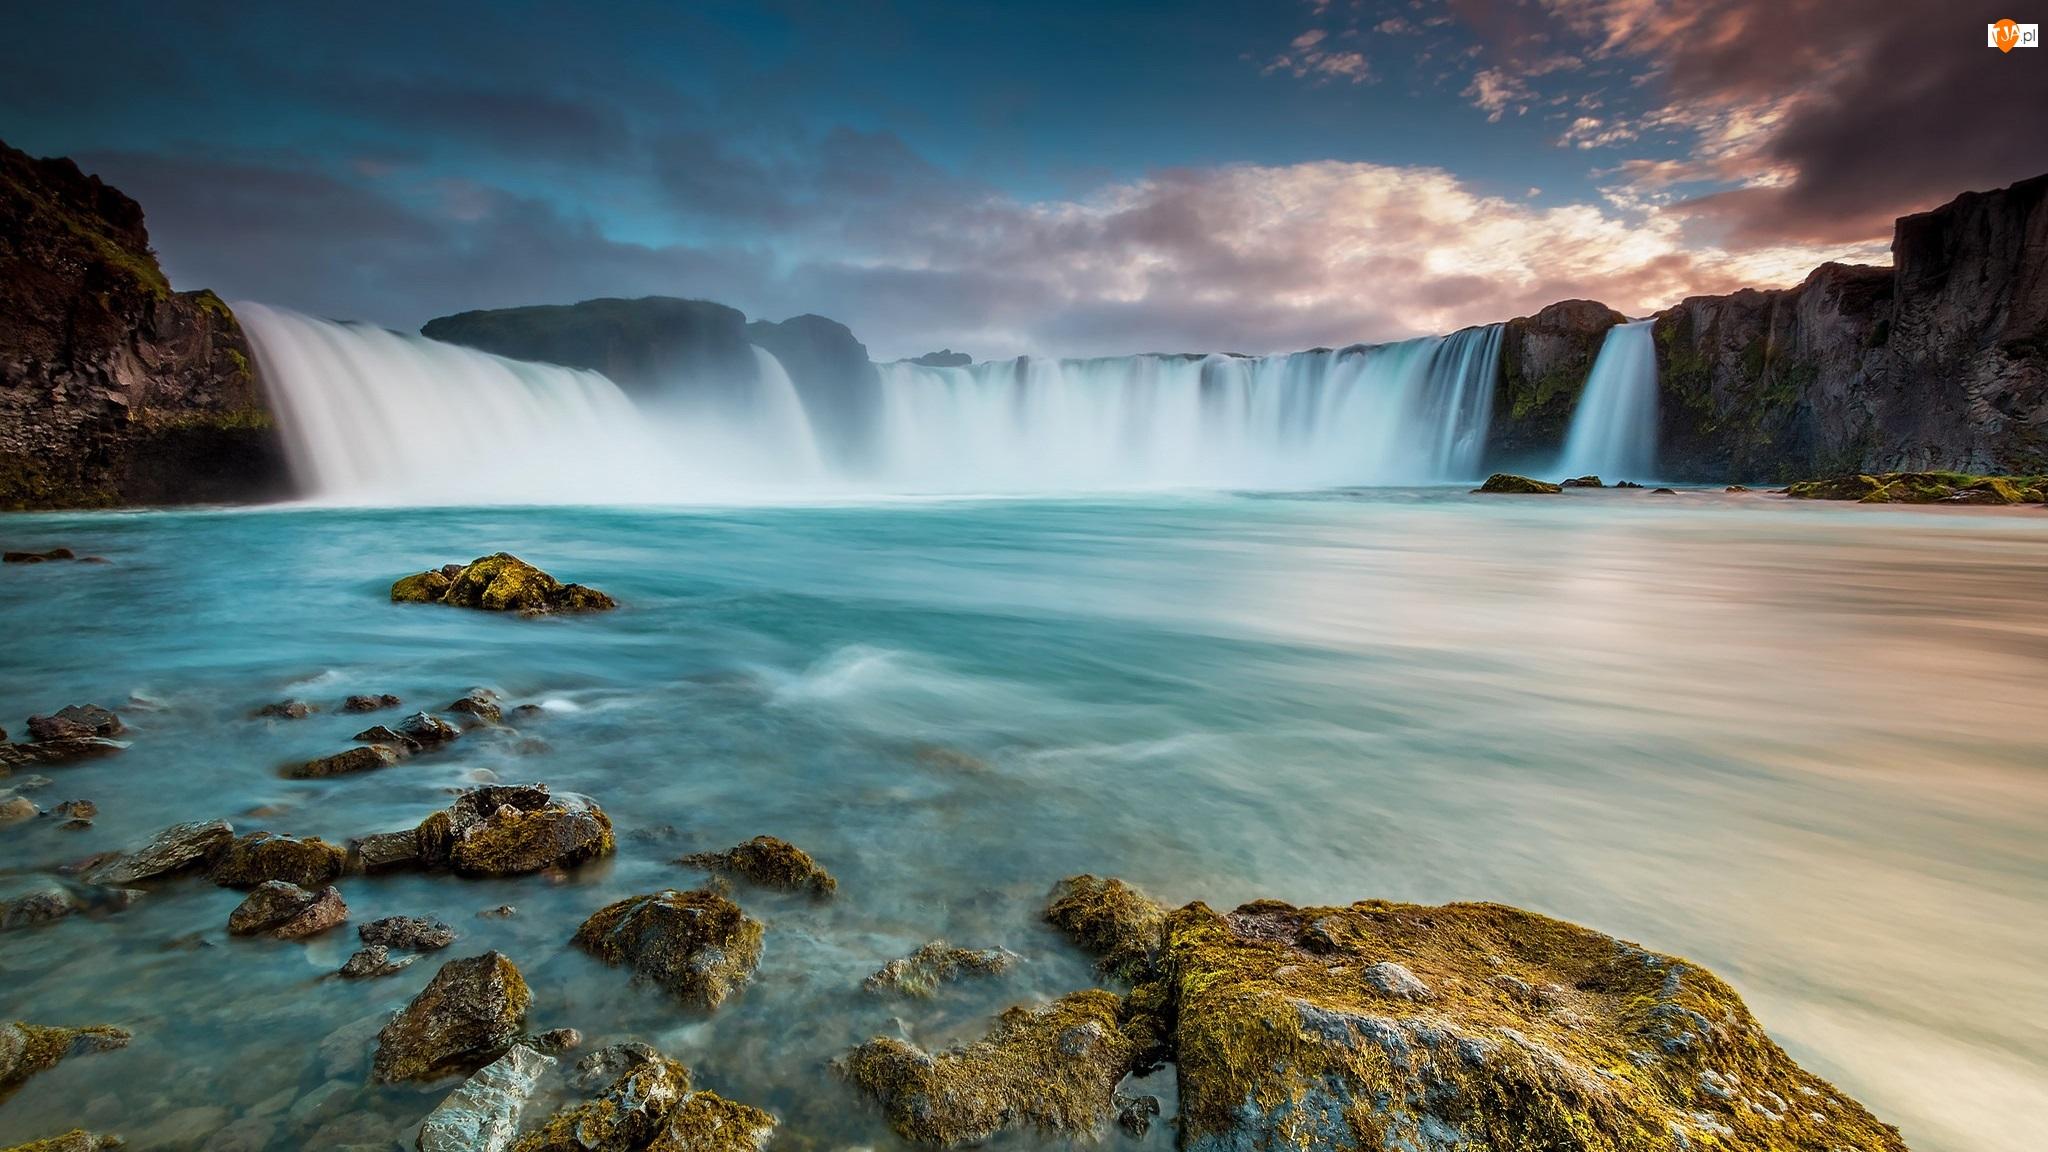 Skały, Islandia, Wodospad Godafoss, Rzeka Skjalfandafljot